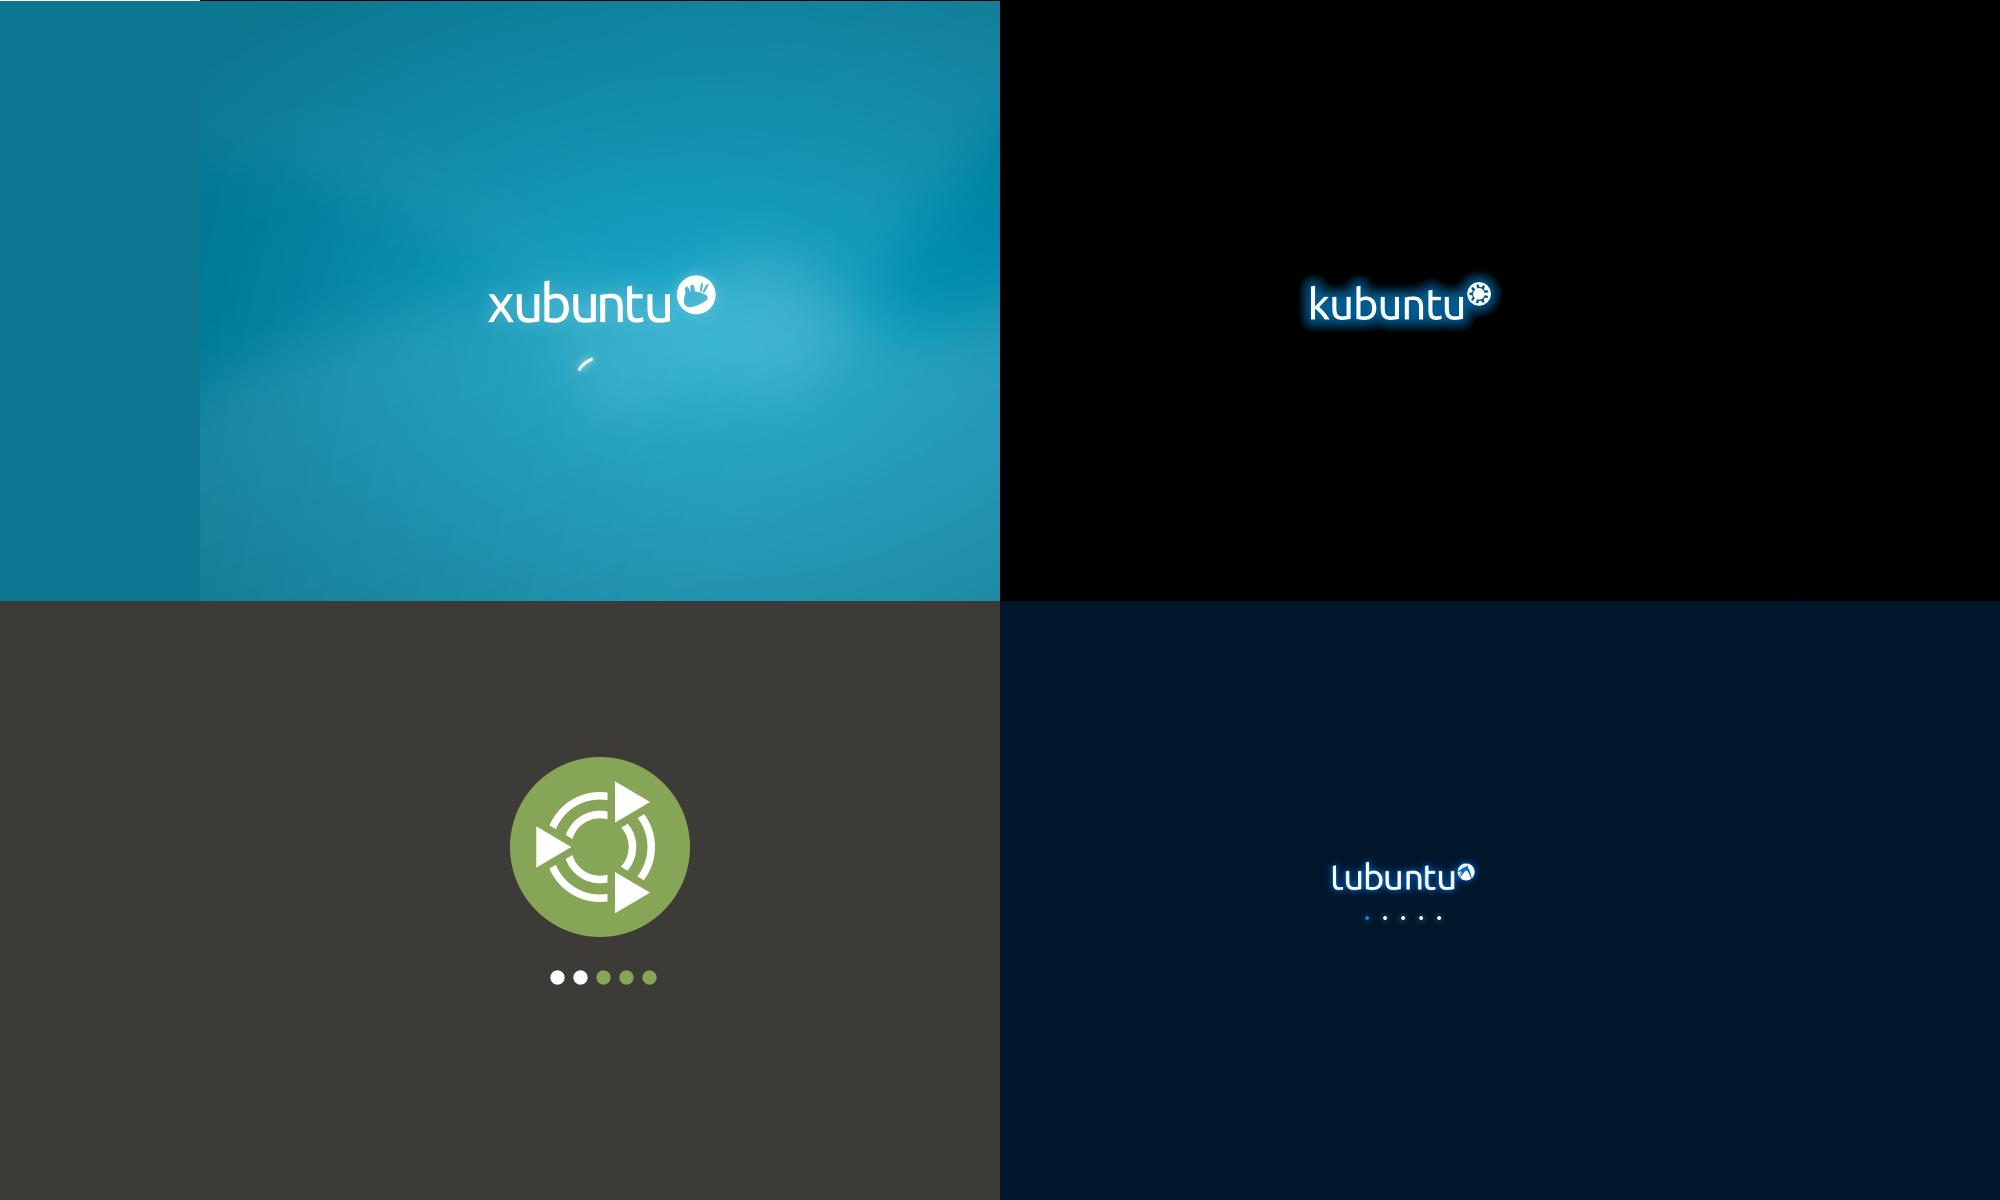 Derivate ufficiali Ubuntu